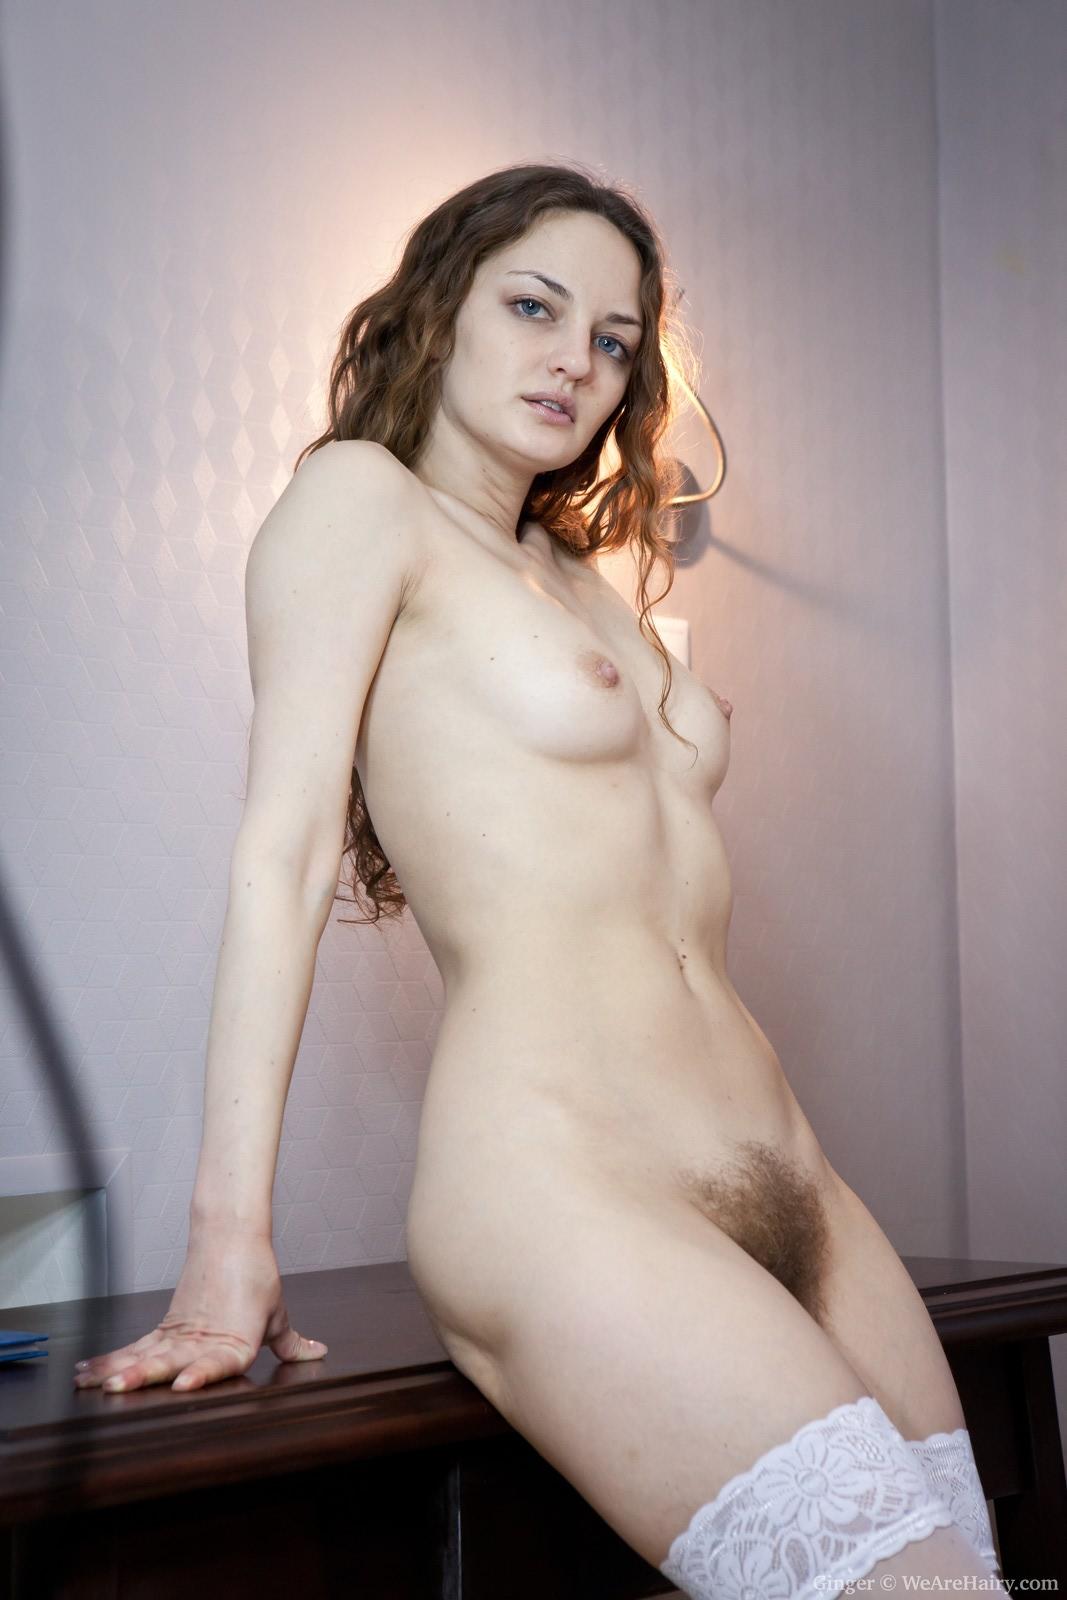 Ginger_BlueChair_089